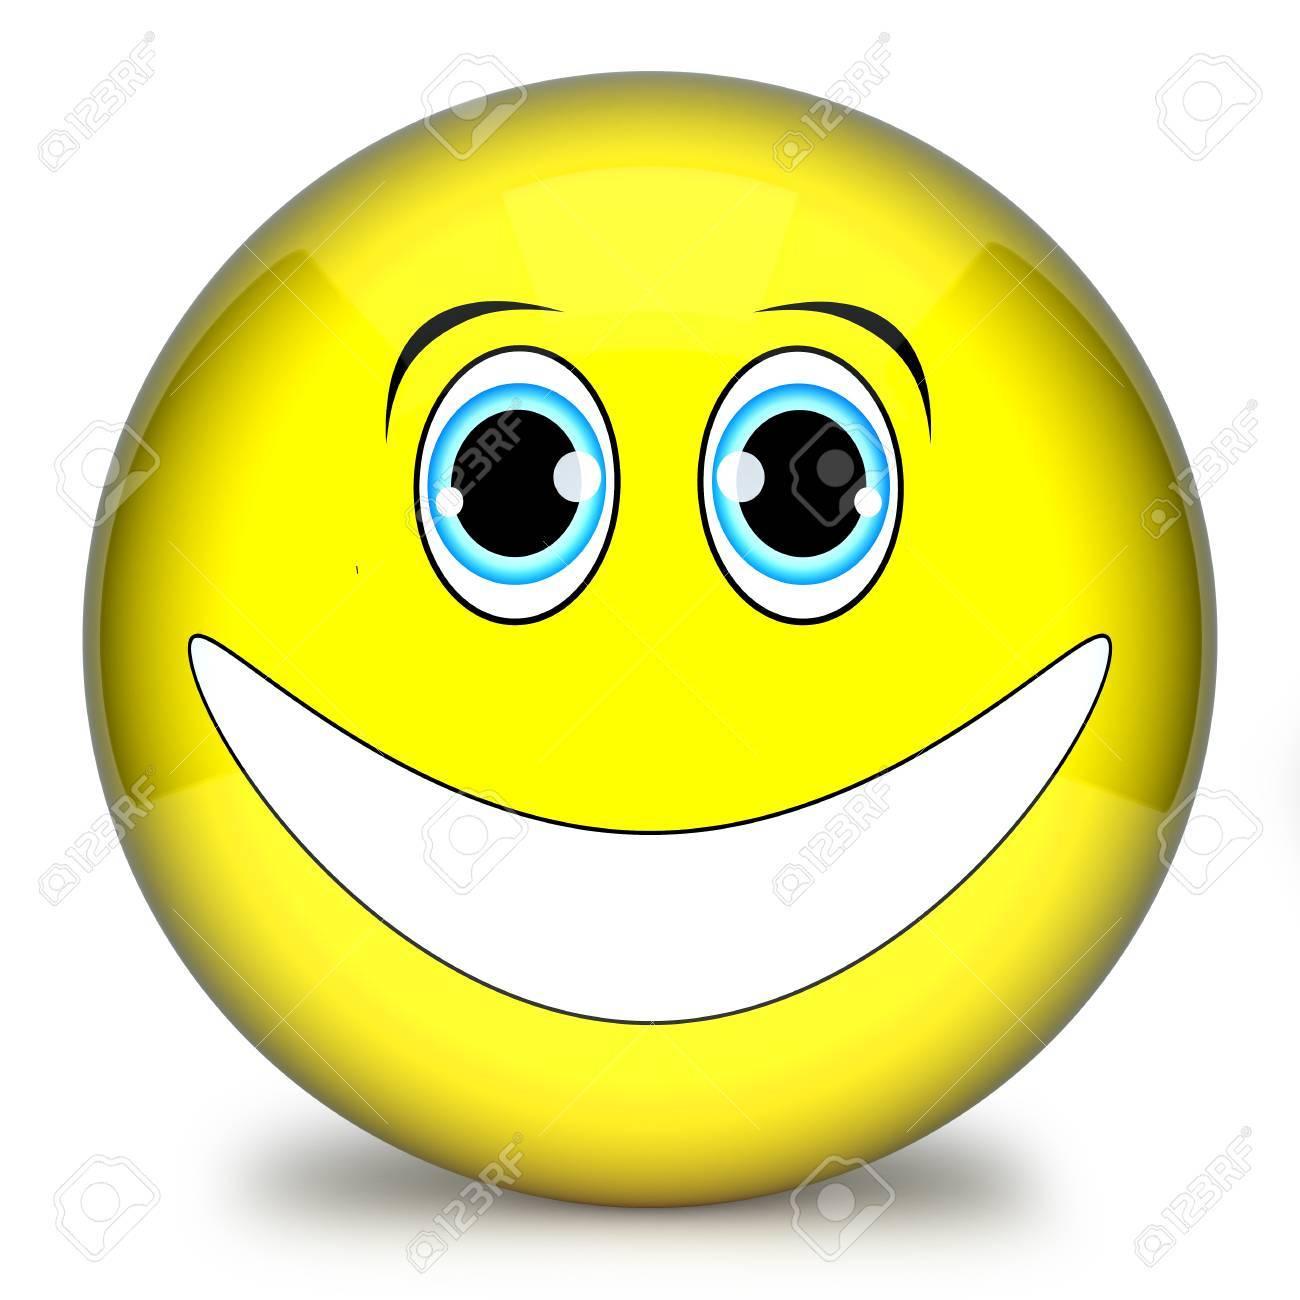 Emoticone Drole smiley jaune, visage émoticône drôle 3d isolé sur fond blanc banque